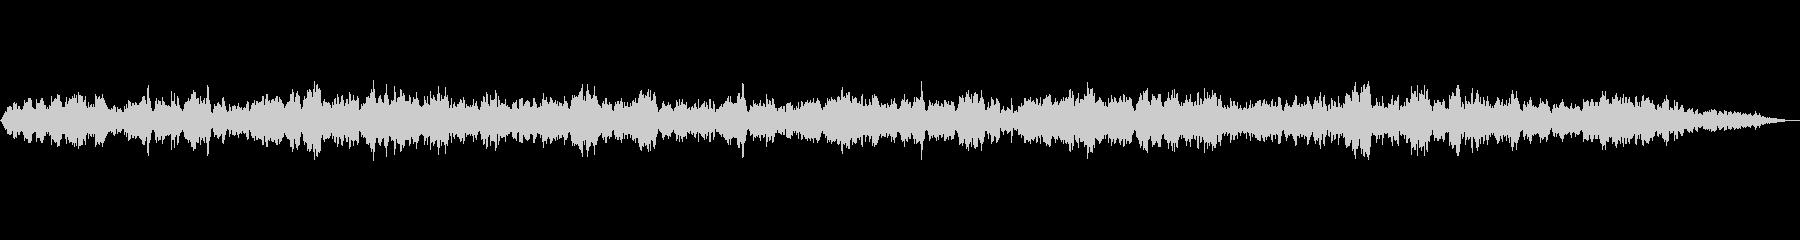 アヴェマリア・ヒーリング曲Ver4の未再生の波形